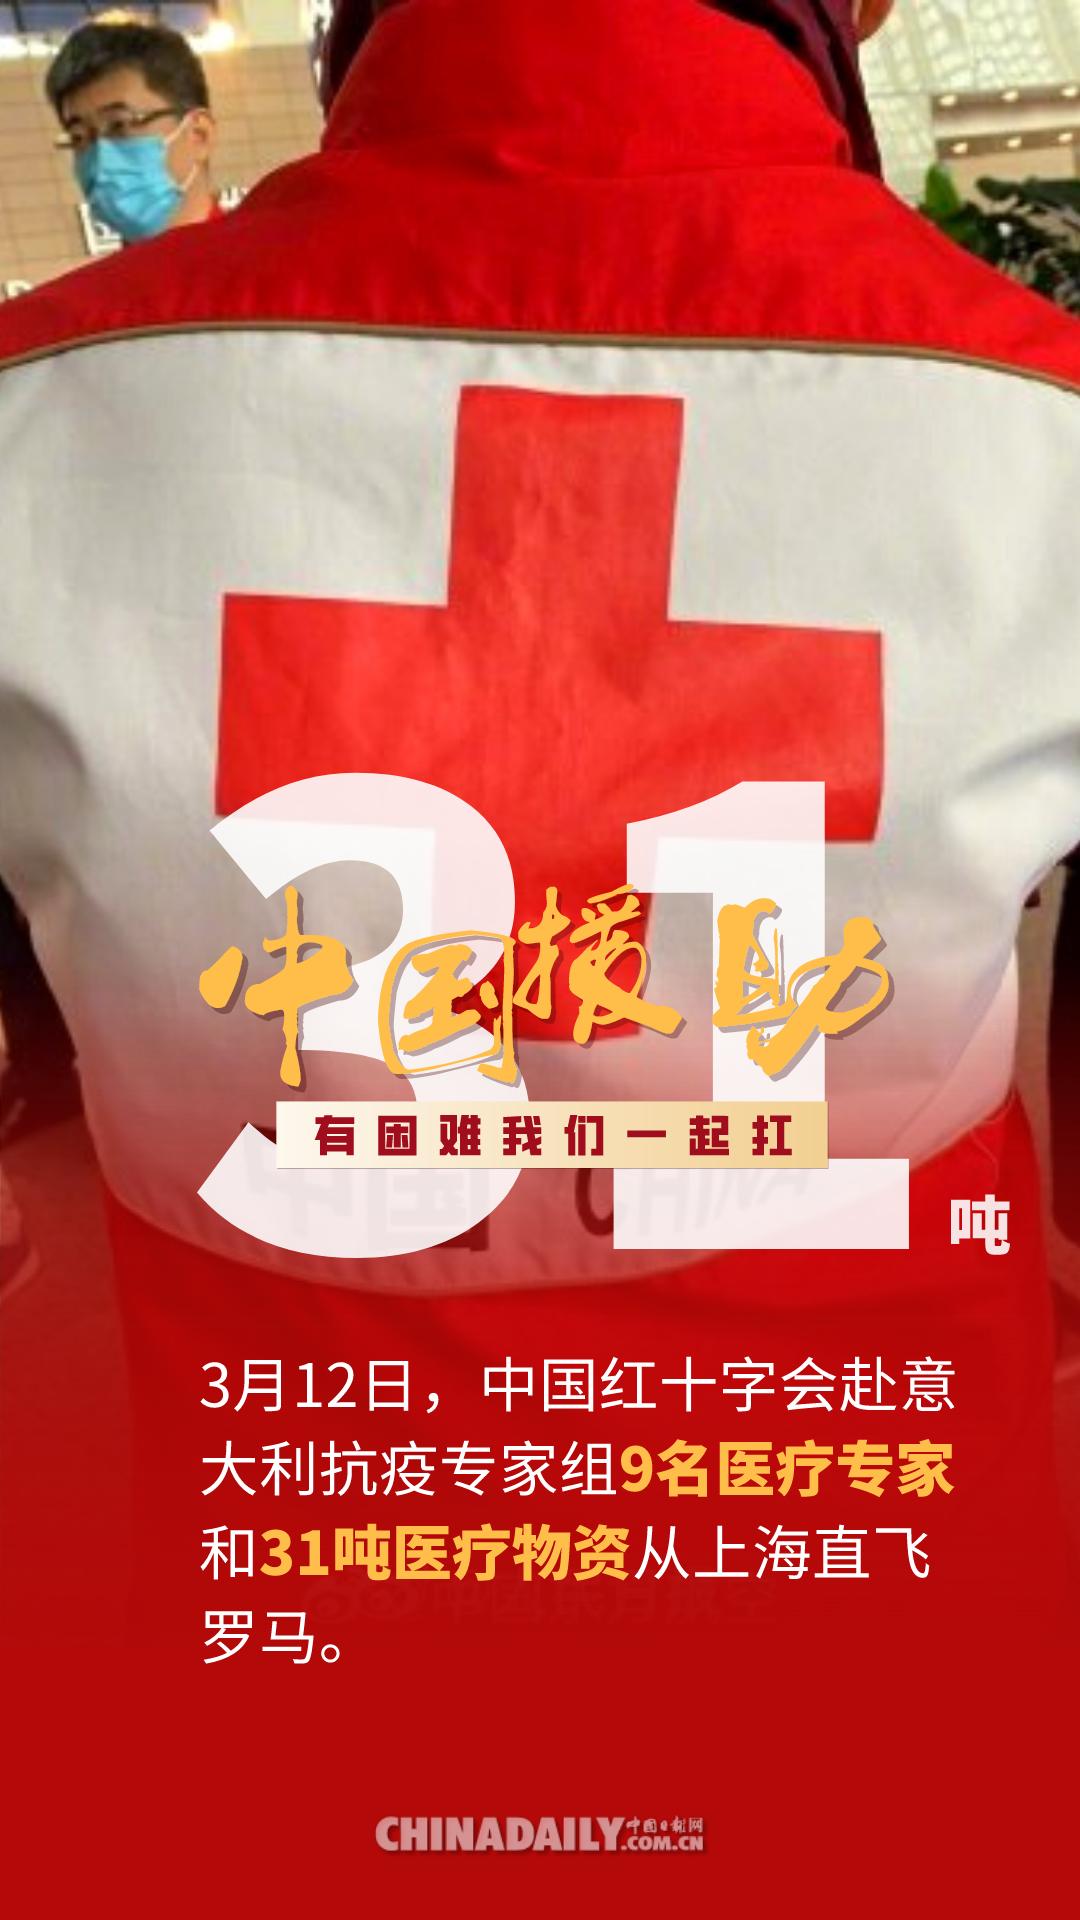 """财经资讯_【海报】同舟共济:""""中国援助""""彰显大国担当 - 中国日报网"""